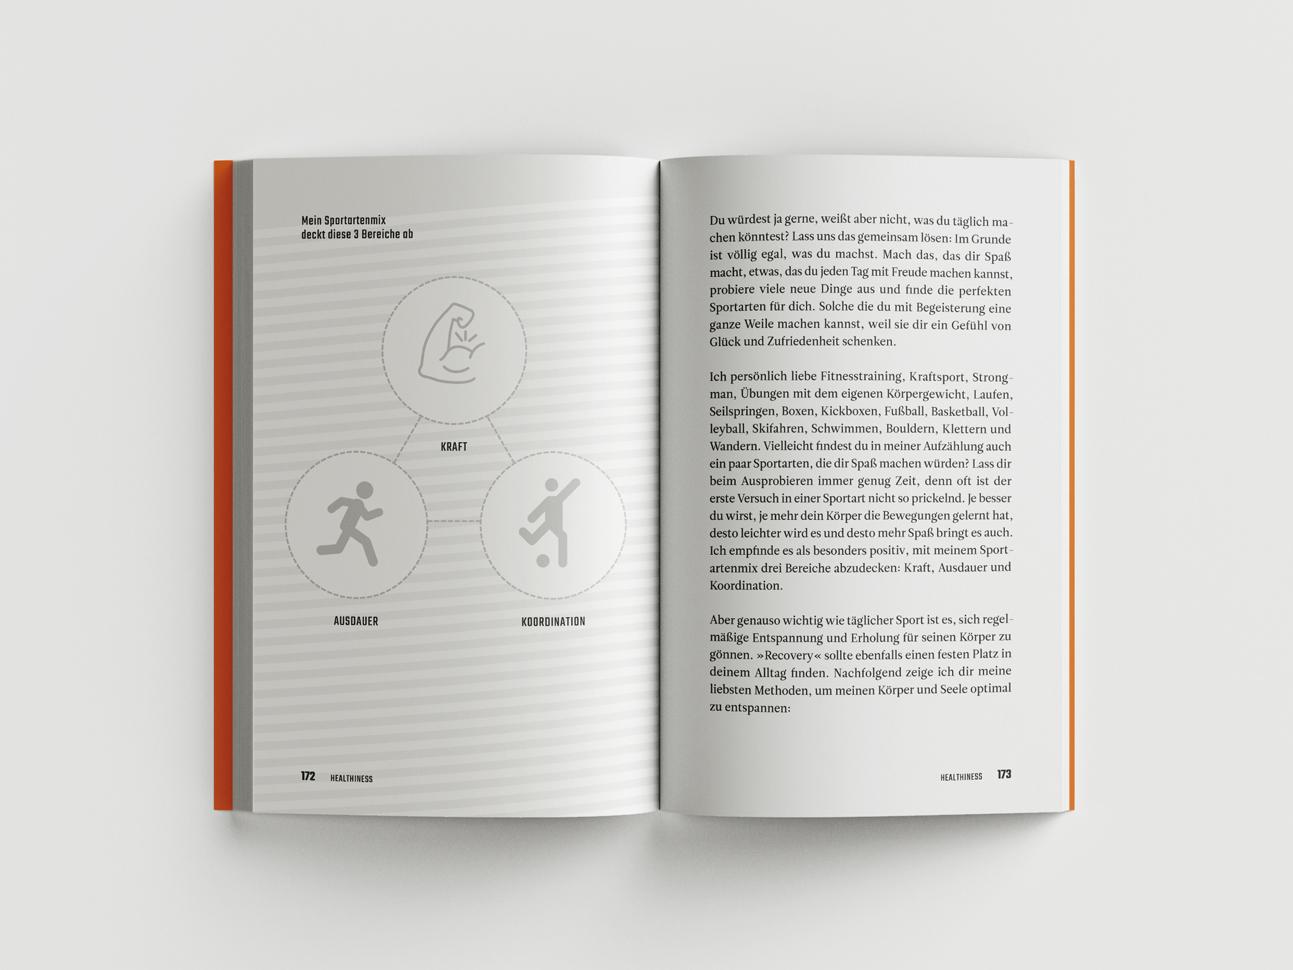 martin zech design, buchgestaltung, fabian schwaiger, power up, doppelseite 9